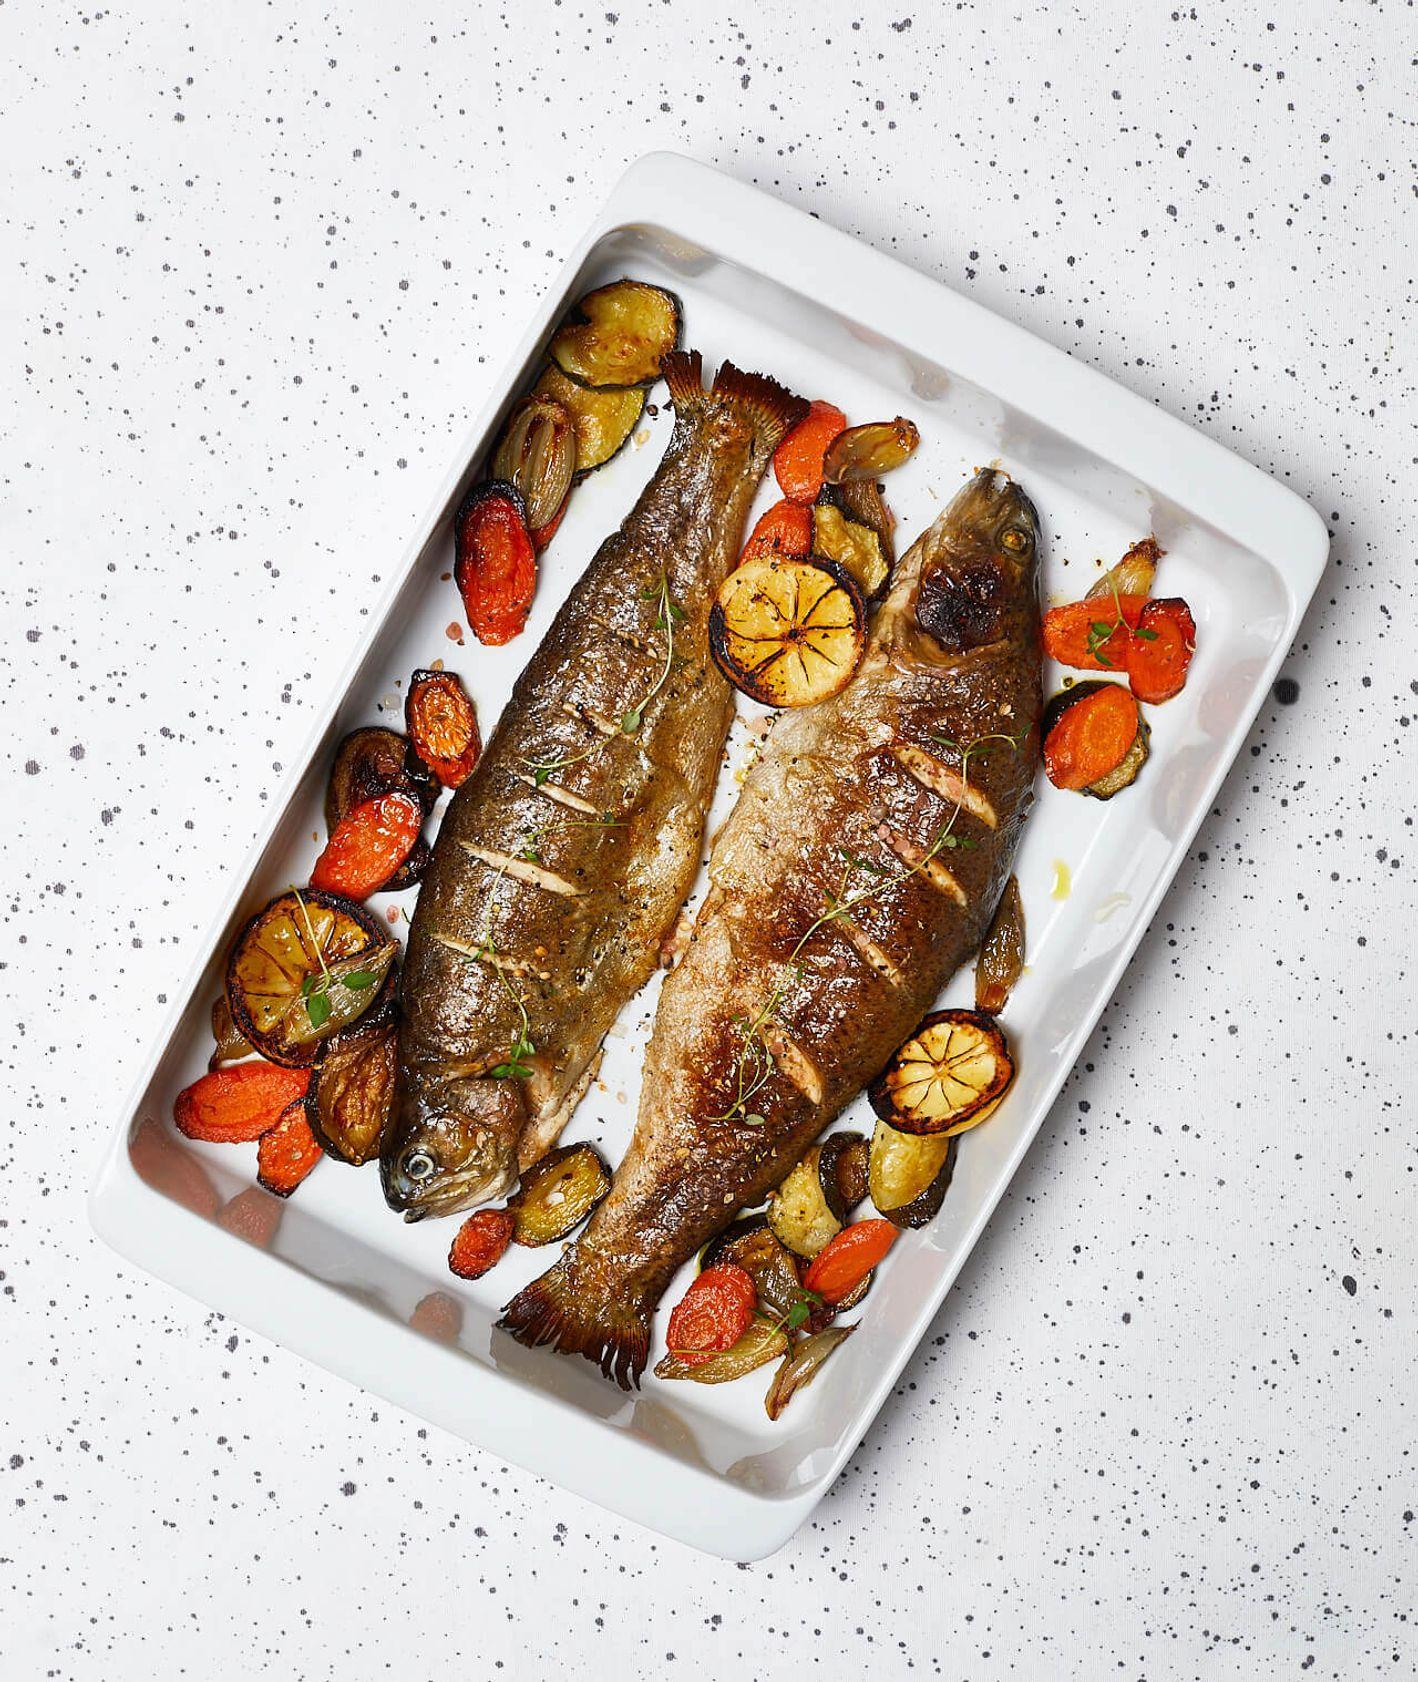 pieczony pstrąg z warzywami, pieczony pstrąg, ryba z warzywami, pstrąg w całości, jak upiec rybę, pieczone warzywa